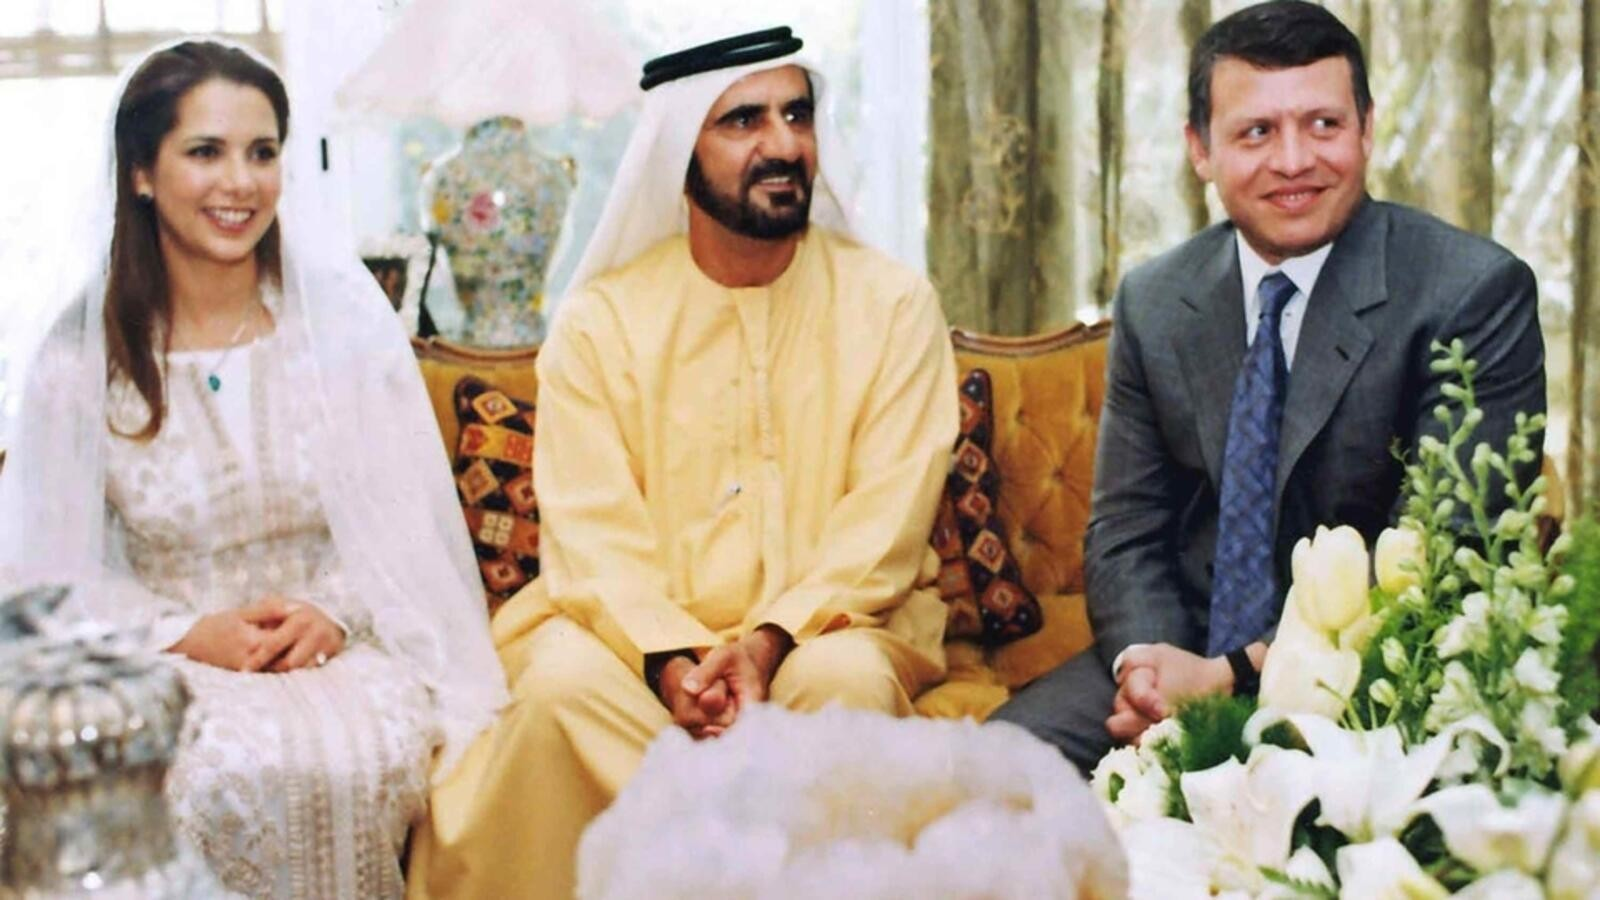 زواج الاميرة هيا بنت الحسين من محمد بن راشد حاكم دبي برفقة أخاها ملك الأردن الملك عبد بن الحسين